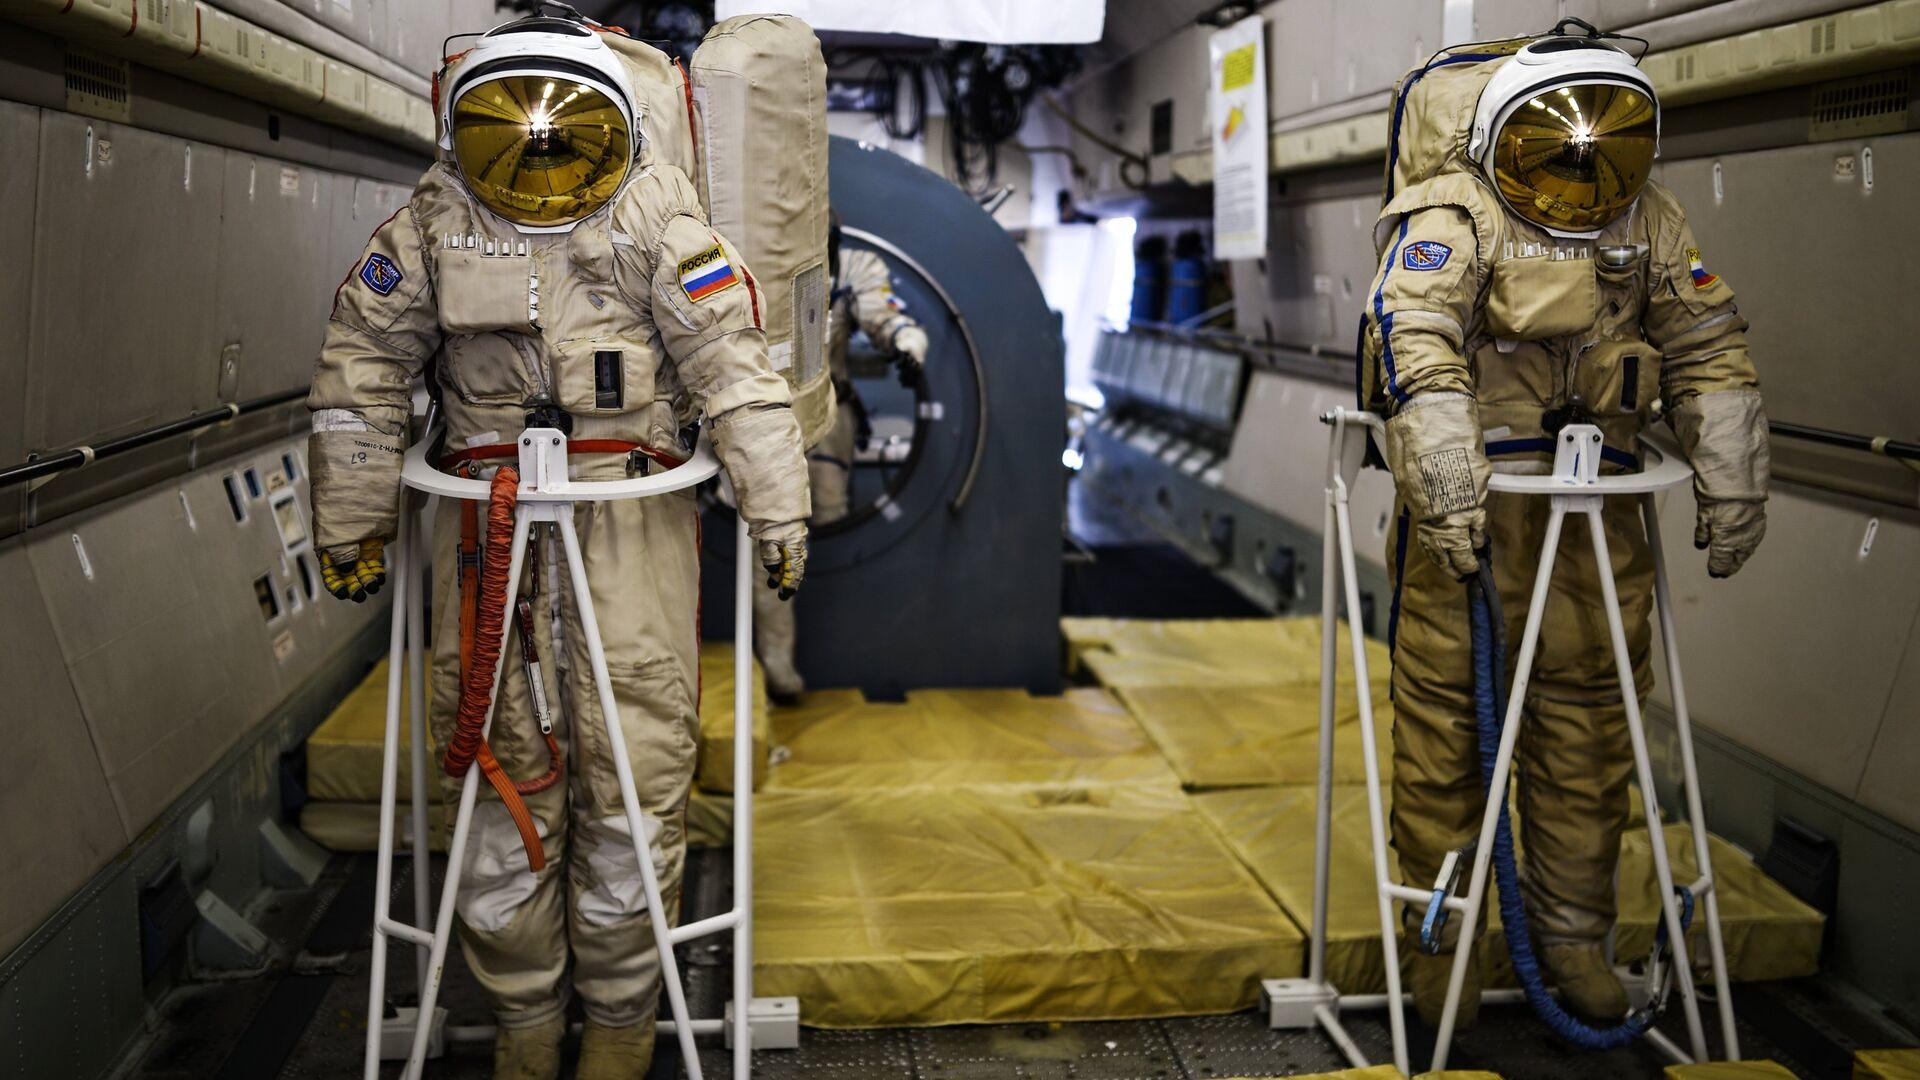 Тренажеры в салоне самолета ИЛ-76 МДК, предназначенного для подготовки космонавтов, представлены на открытии Международного авиационно-космического салона МАКС-2015 - РИА Новости, 1920, 07.01.2021